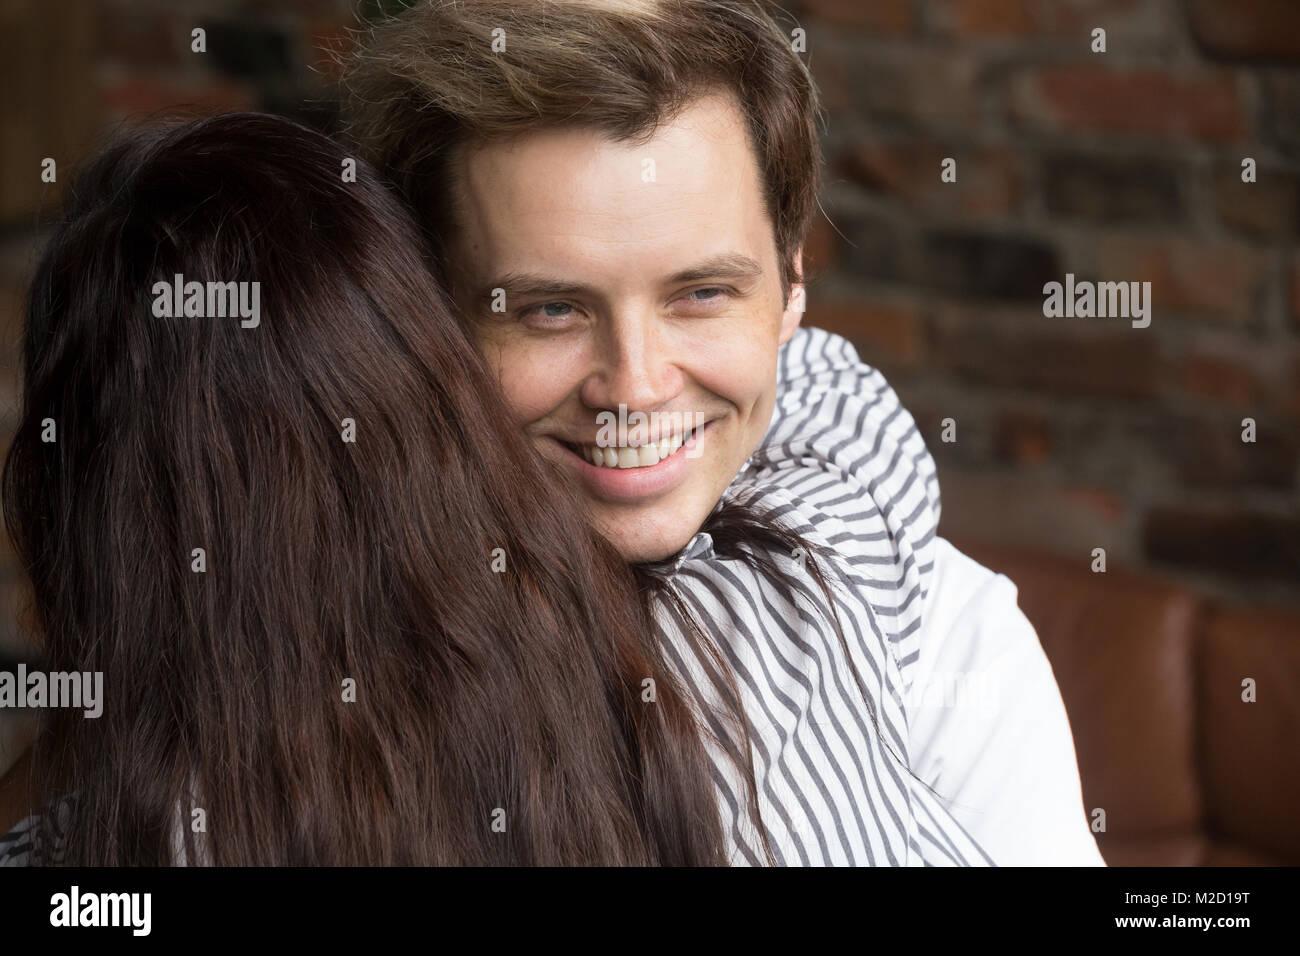 Jeune homme menteur rusé heureusement smiling while woman l'enlaçant Photo Stock